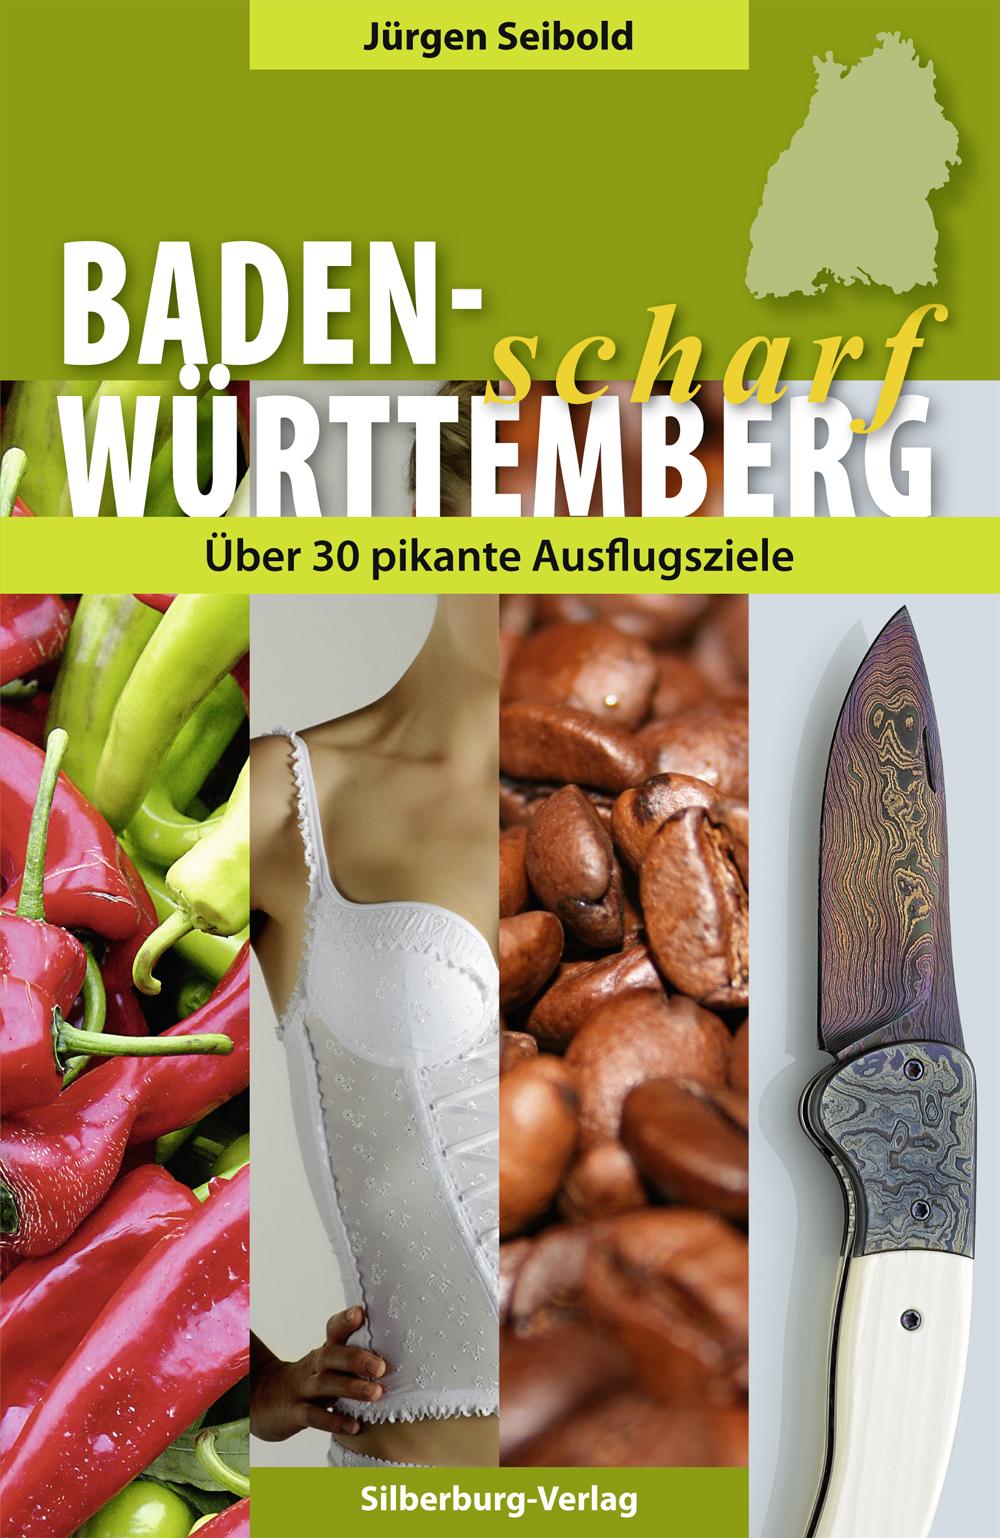 Baden-Wuerttemberg-scharf-Juergen-Seibold